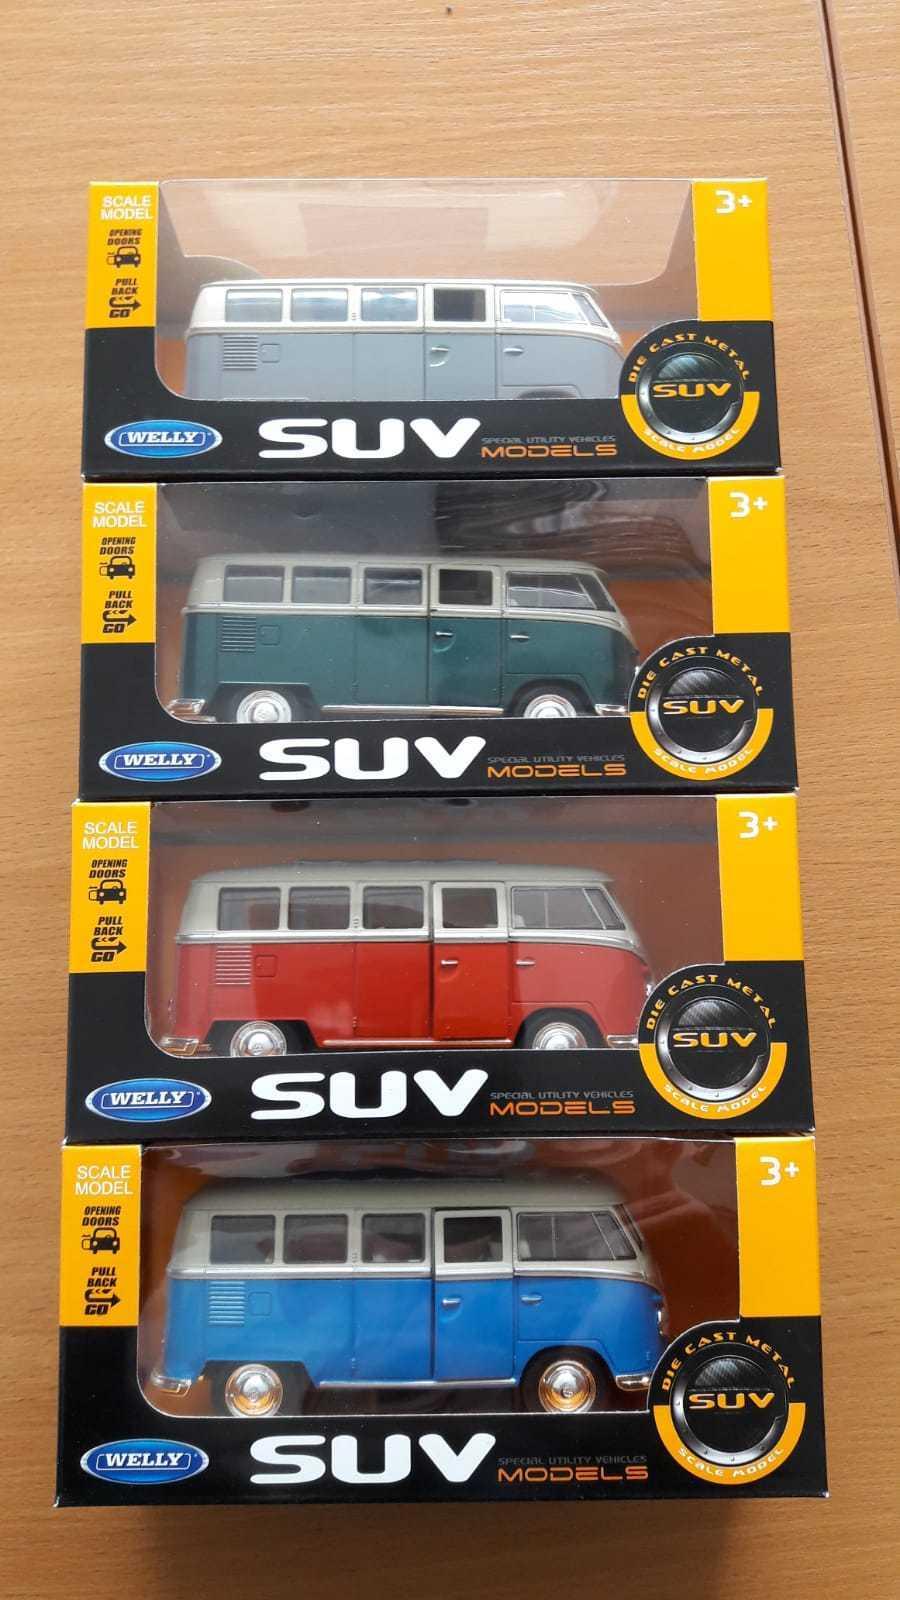 Special Set of 4 Welly Volkswagen Volkswagen Volkswagen Retro Hippie VAN BUSES T1 1962 1 31 a6a2e8